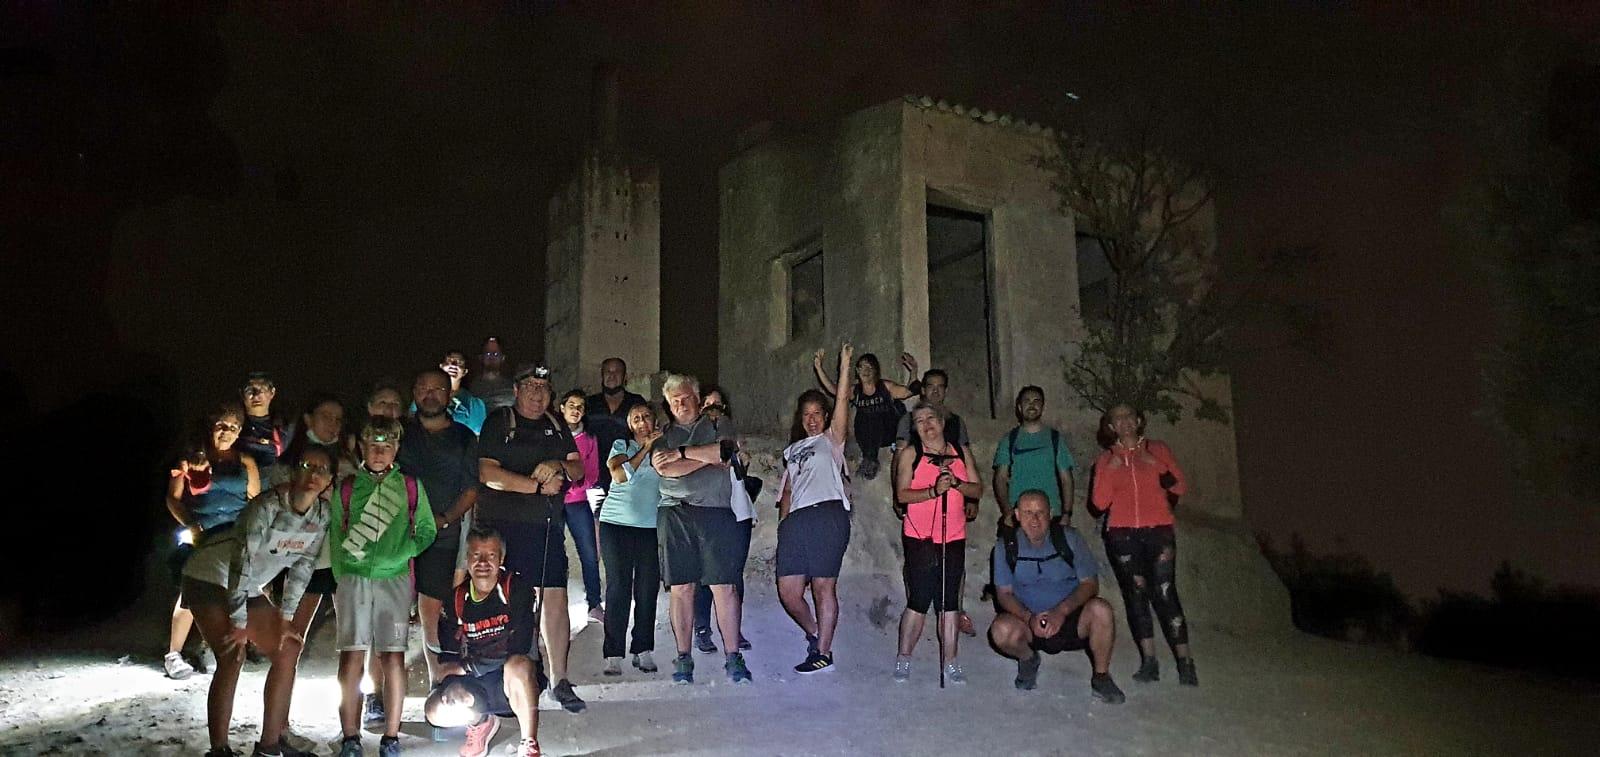 Los vecinos de Cúllar Vega conocen los caminos y cortijos de la Vega en una jornada de senderismo nocturno